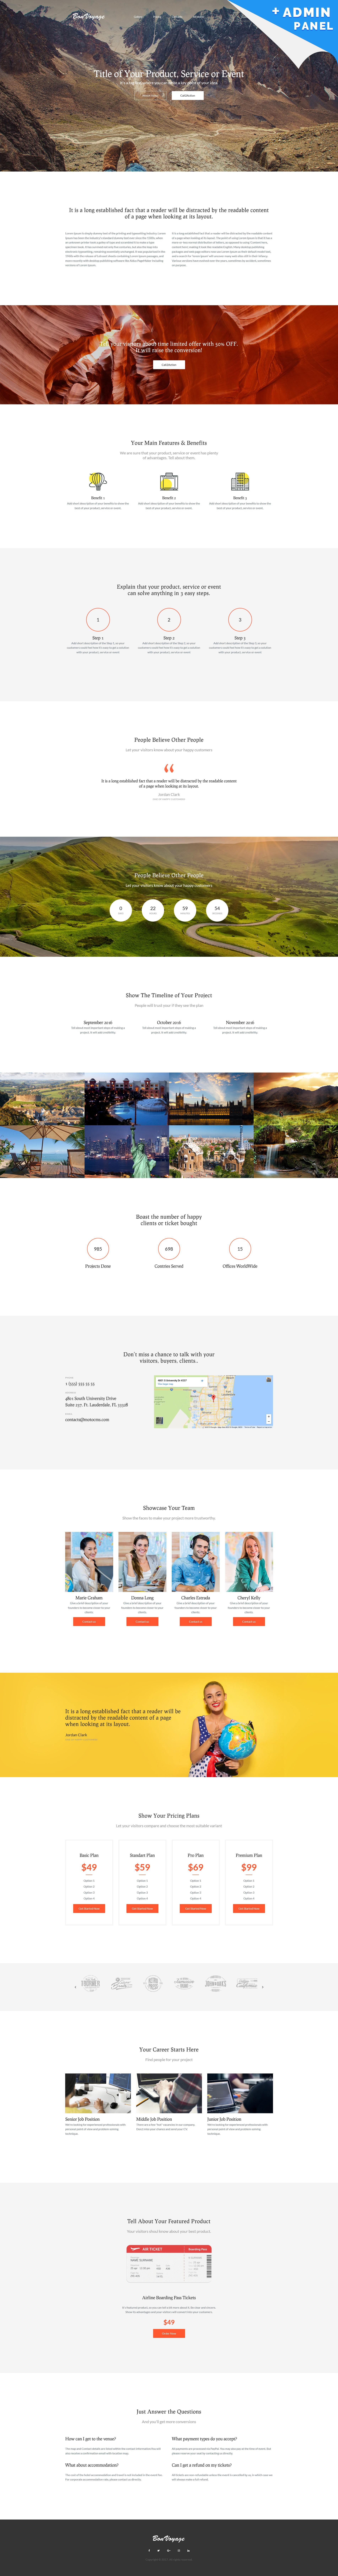 Templates de Landing Page Flexível para Sites de Agencia de Viagens №59244